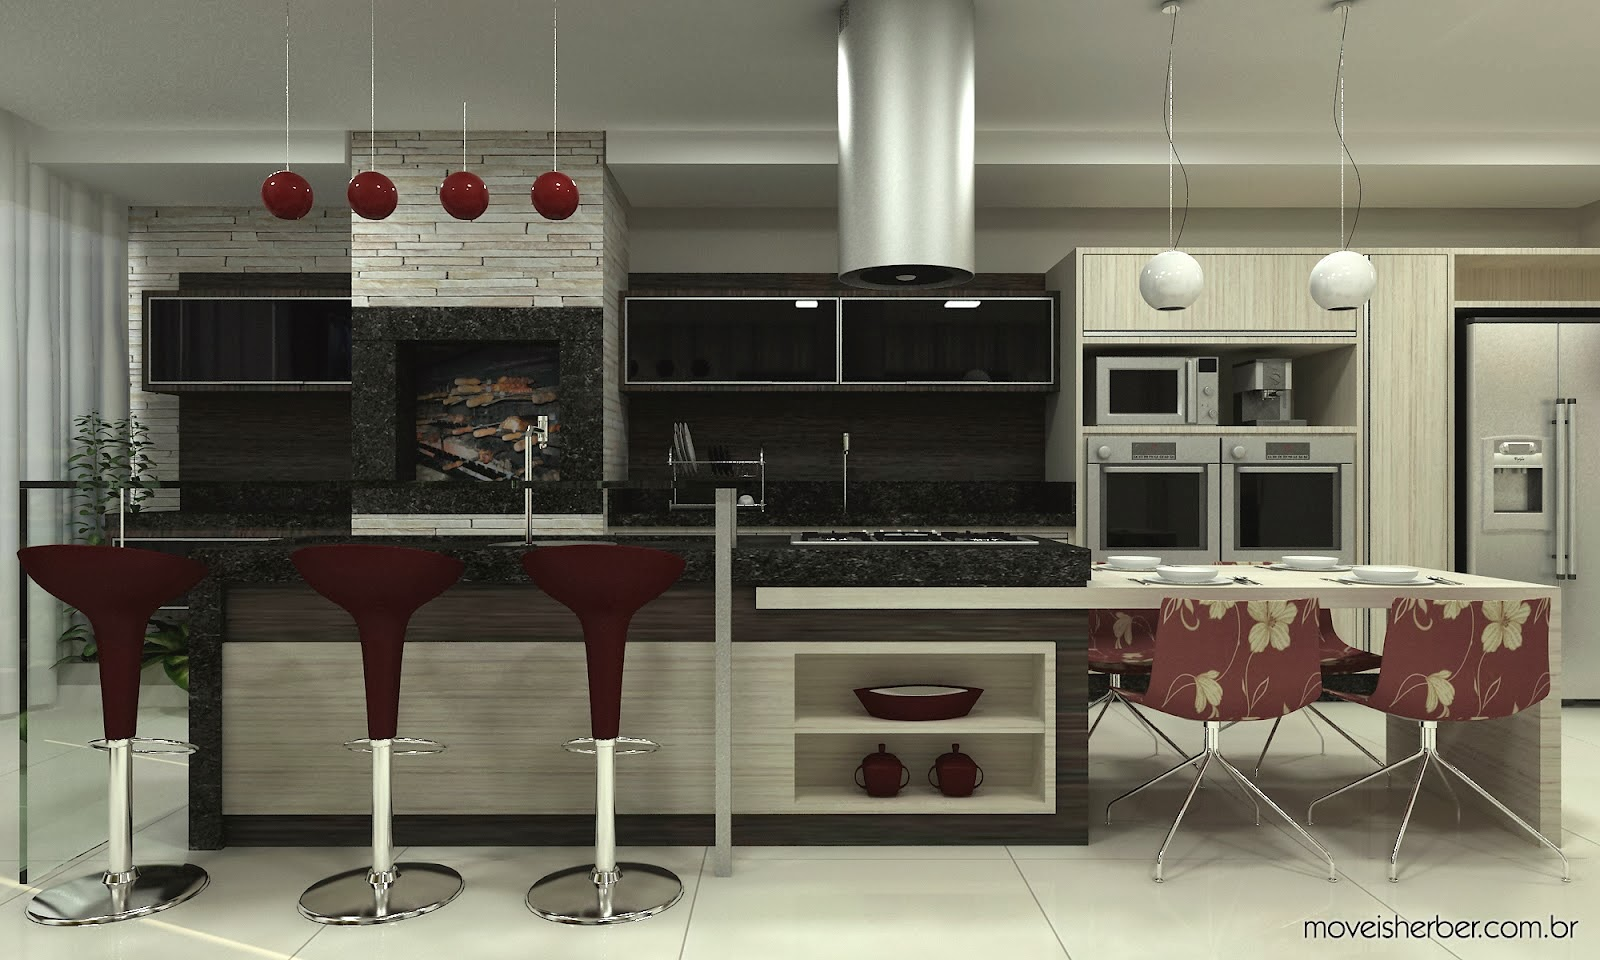 Minha Casa Clean: Cozinhas Gourmet com Churrasqueiras Integradas #604038 1600 960